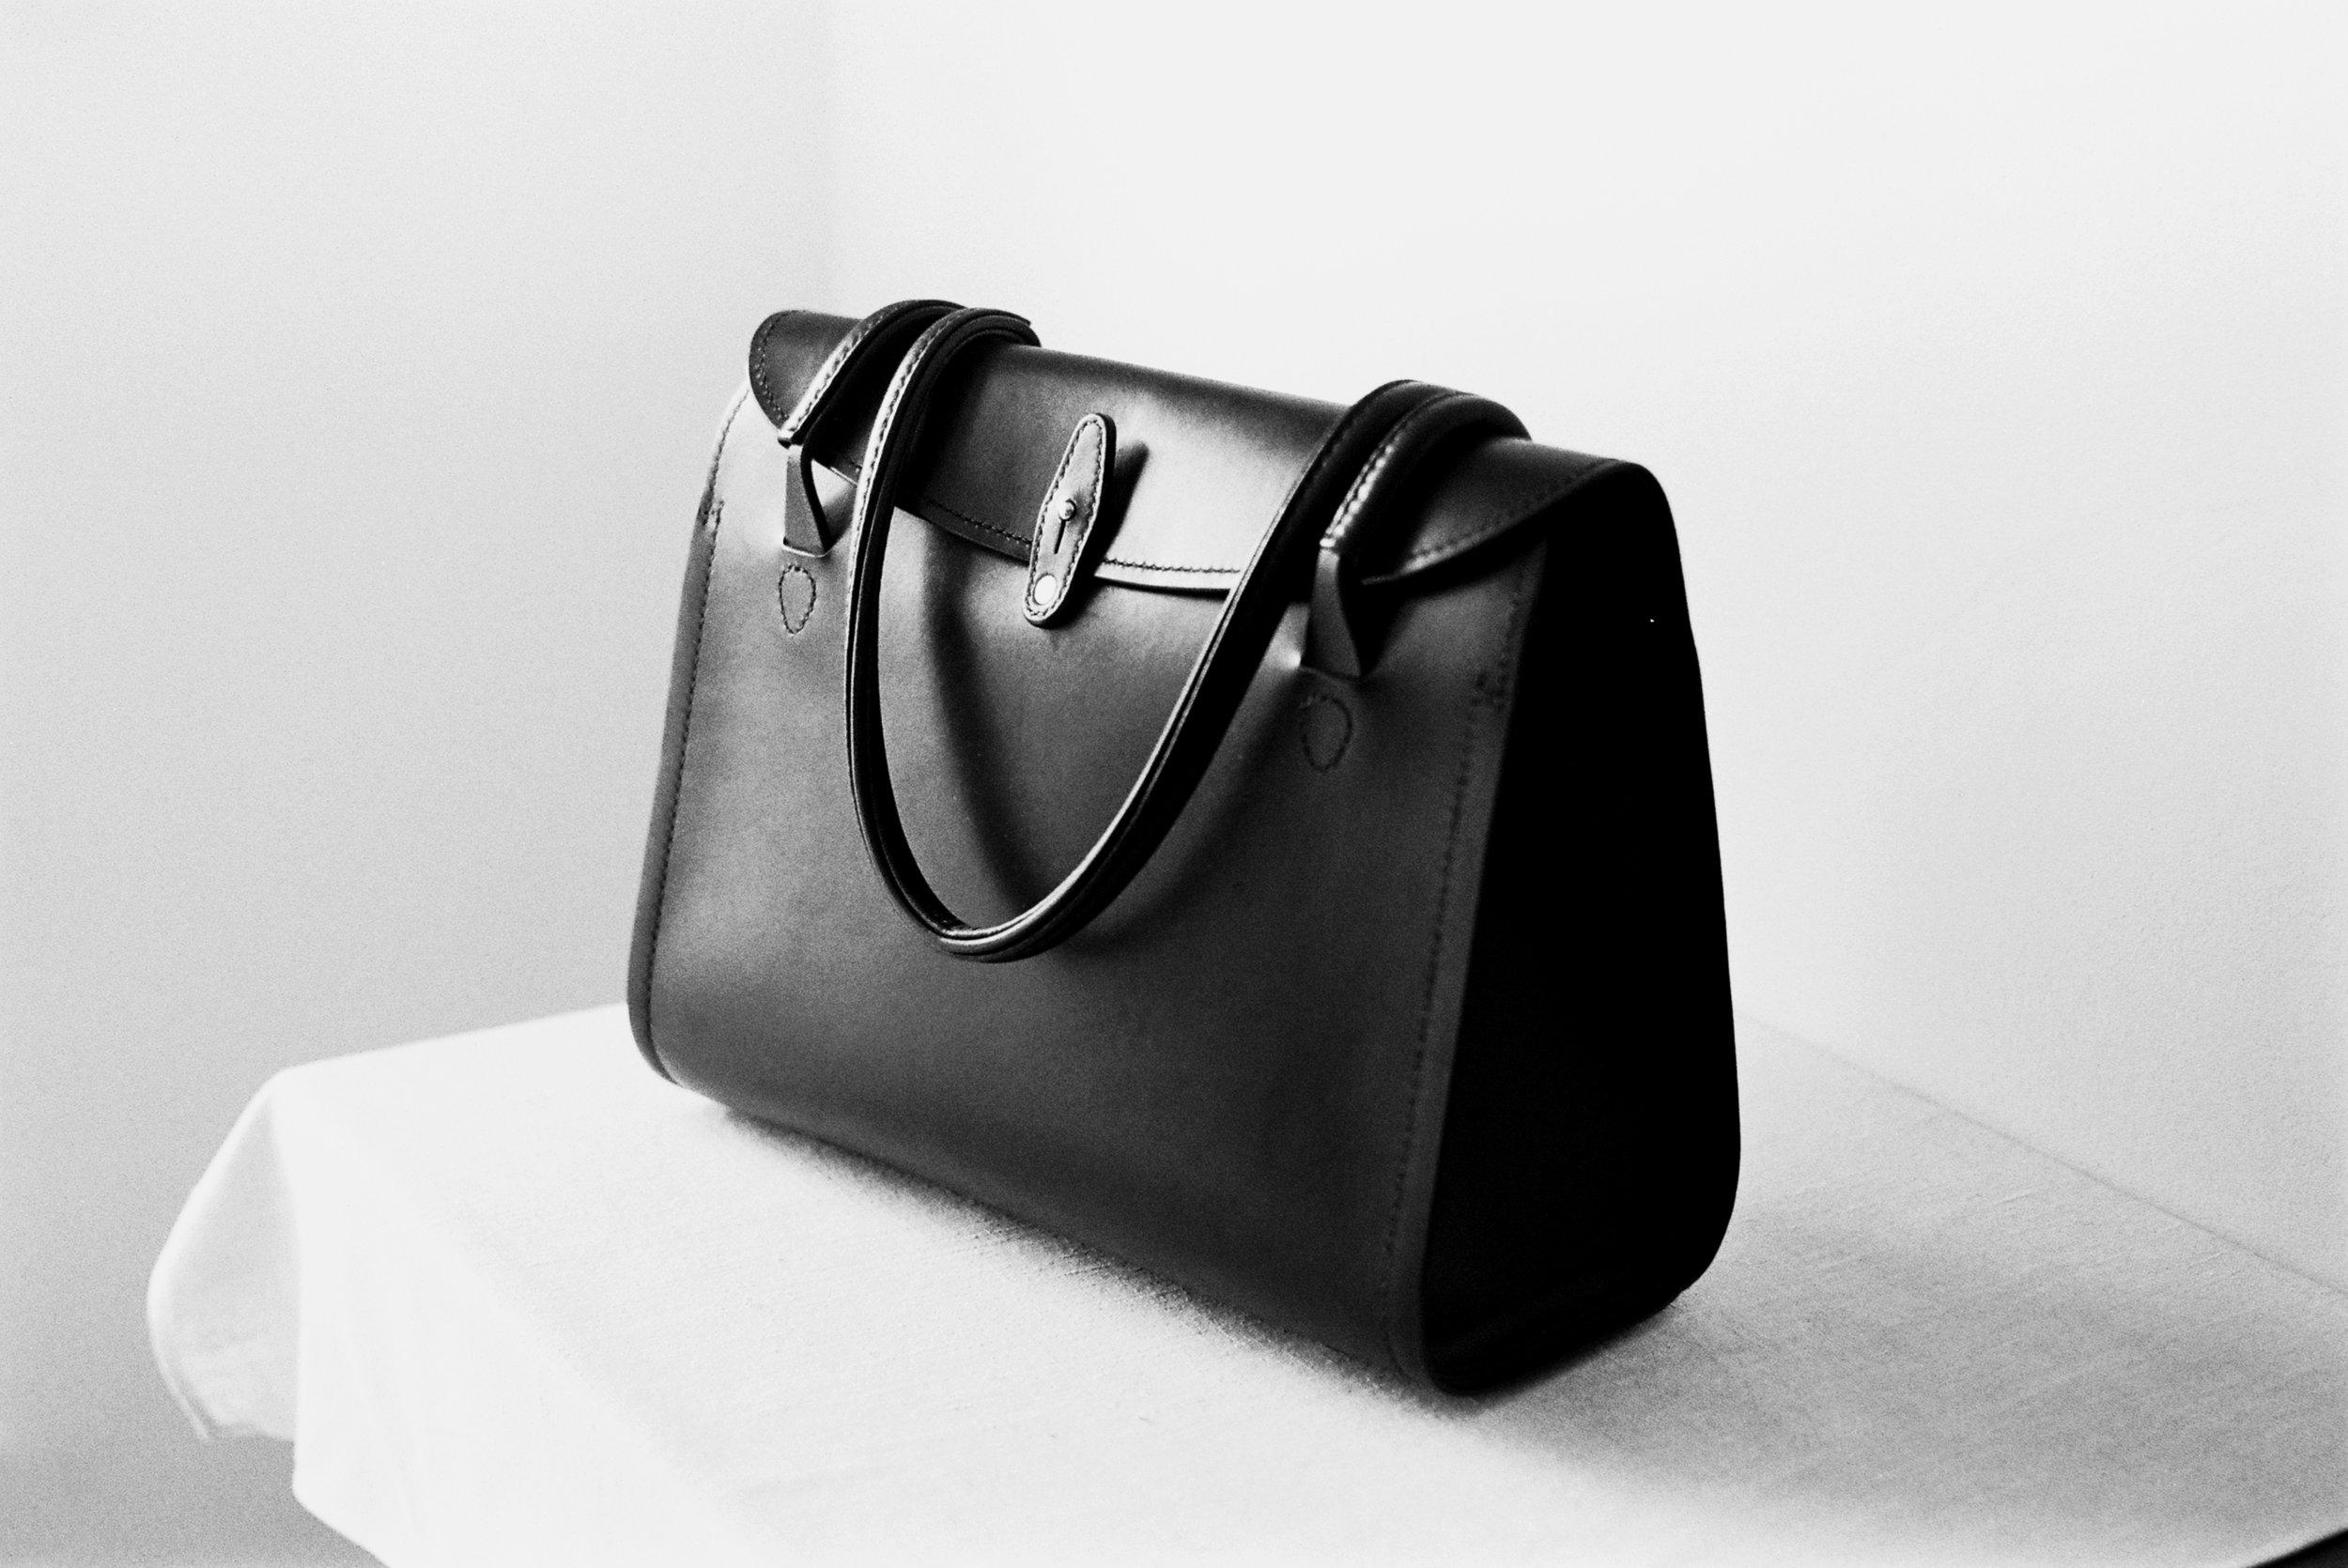 Tallowin Flatiron Handbag - completed